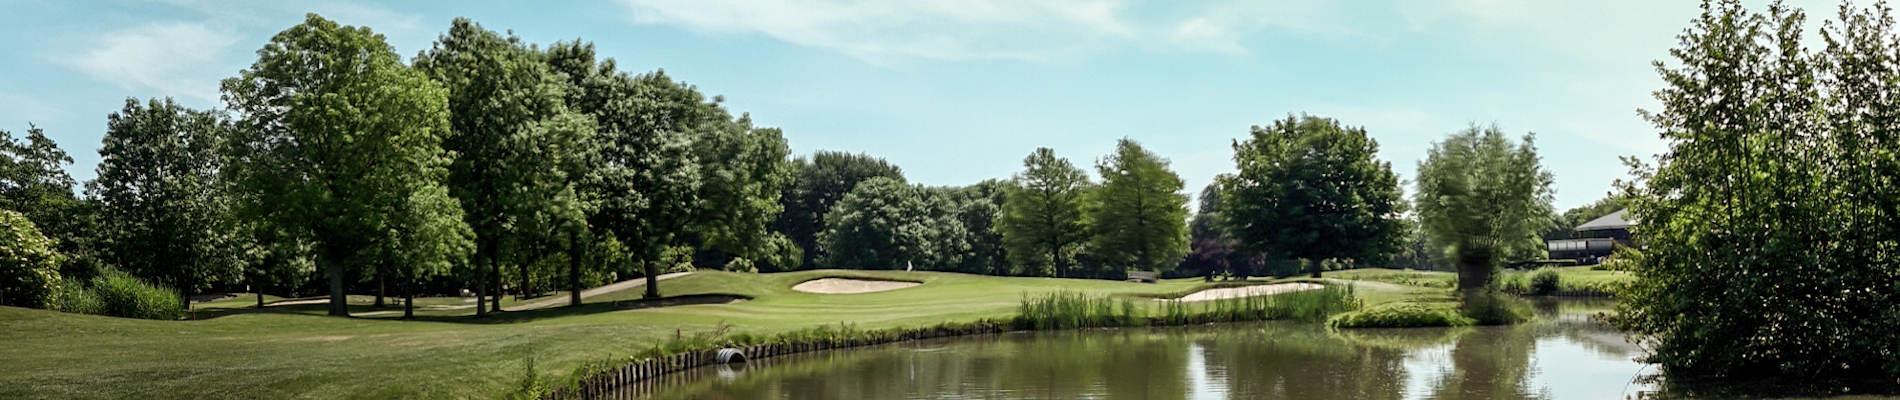 Baan van de Rijswijkse Golfclub